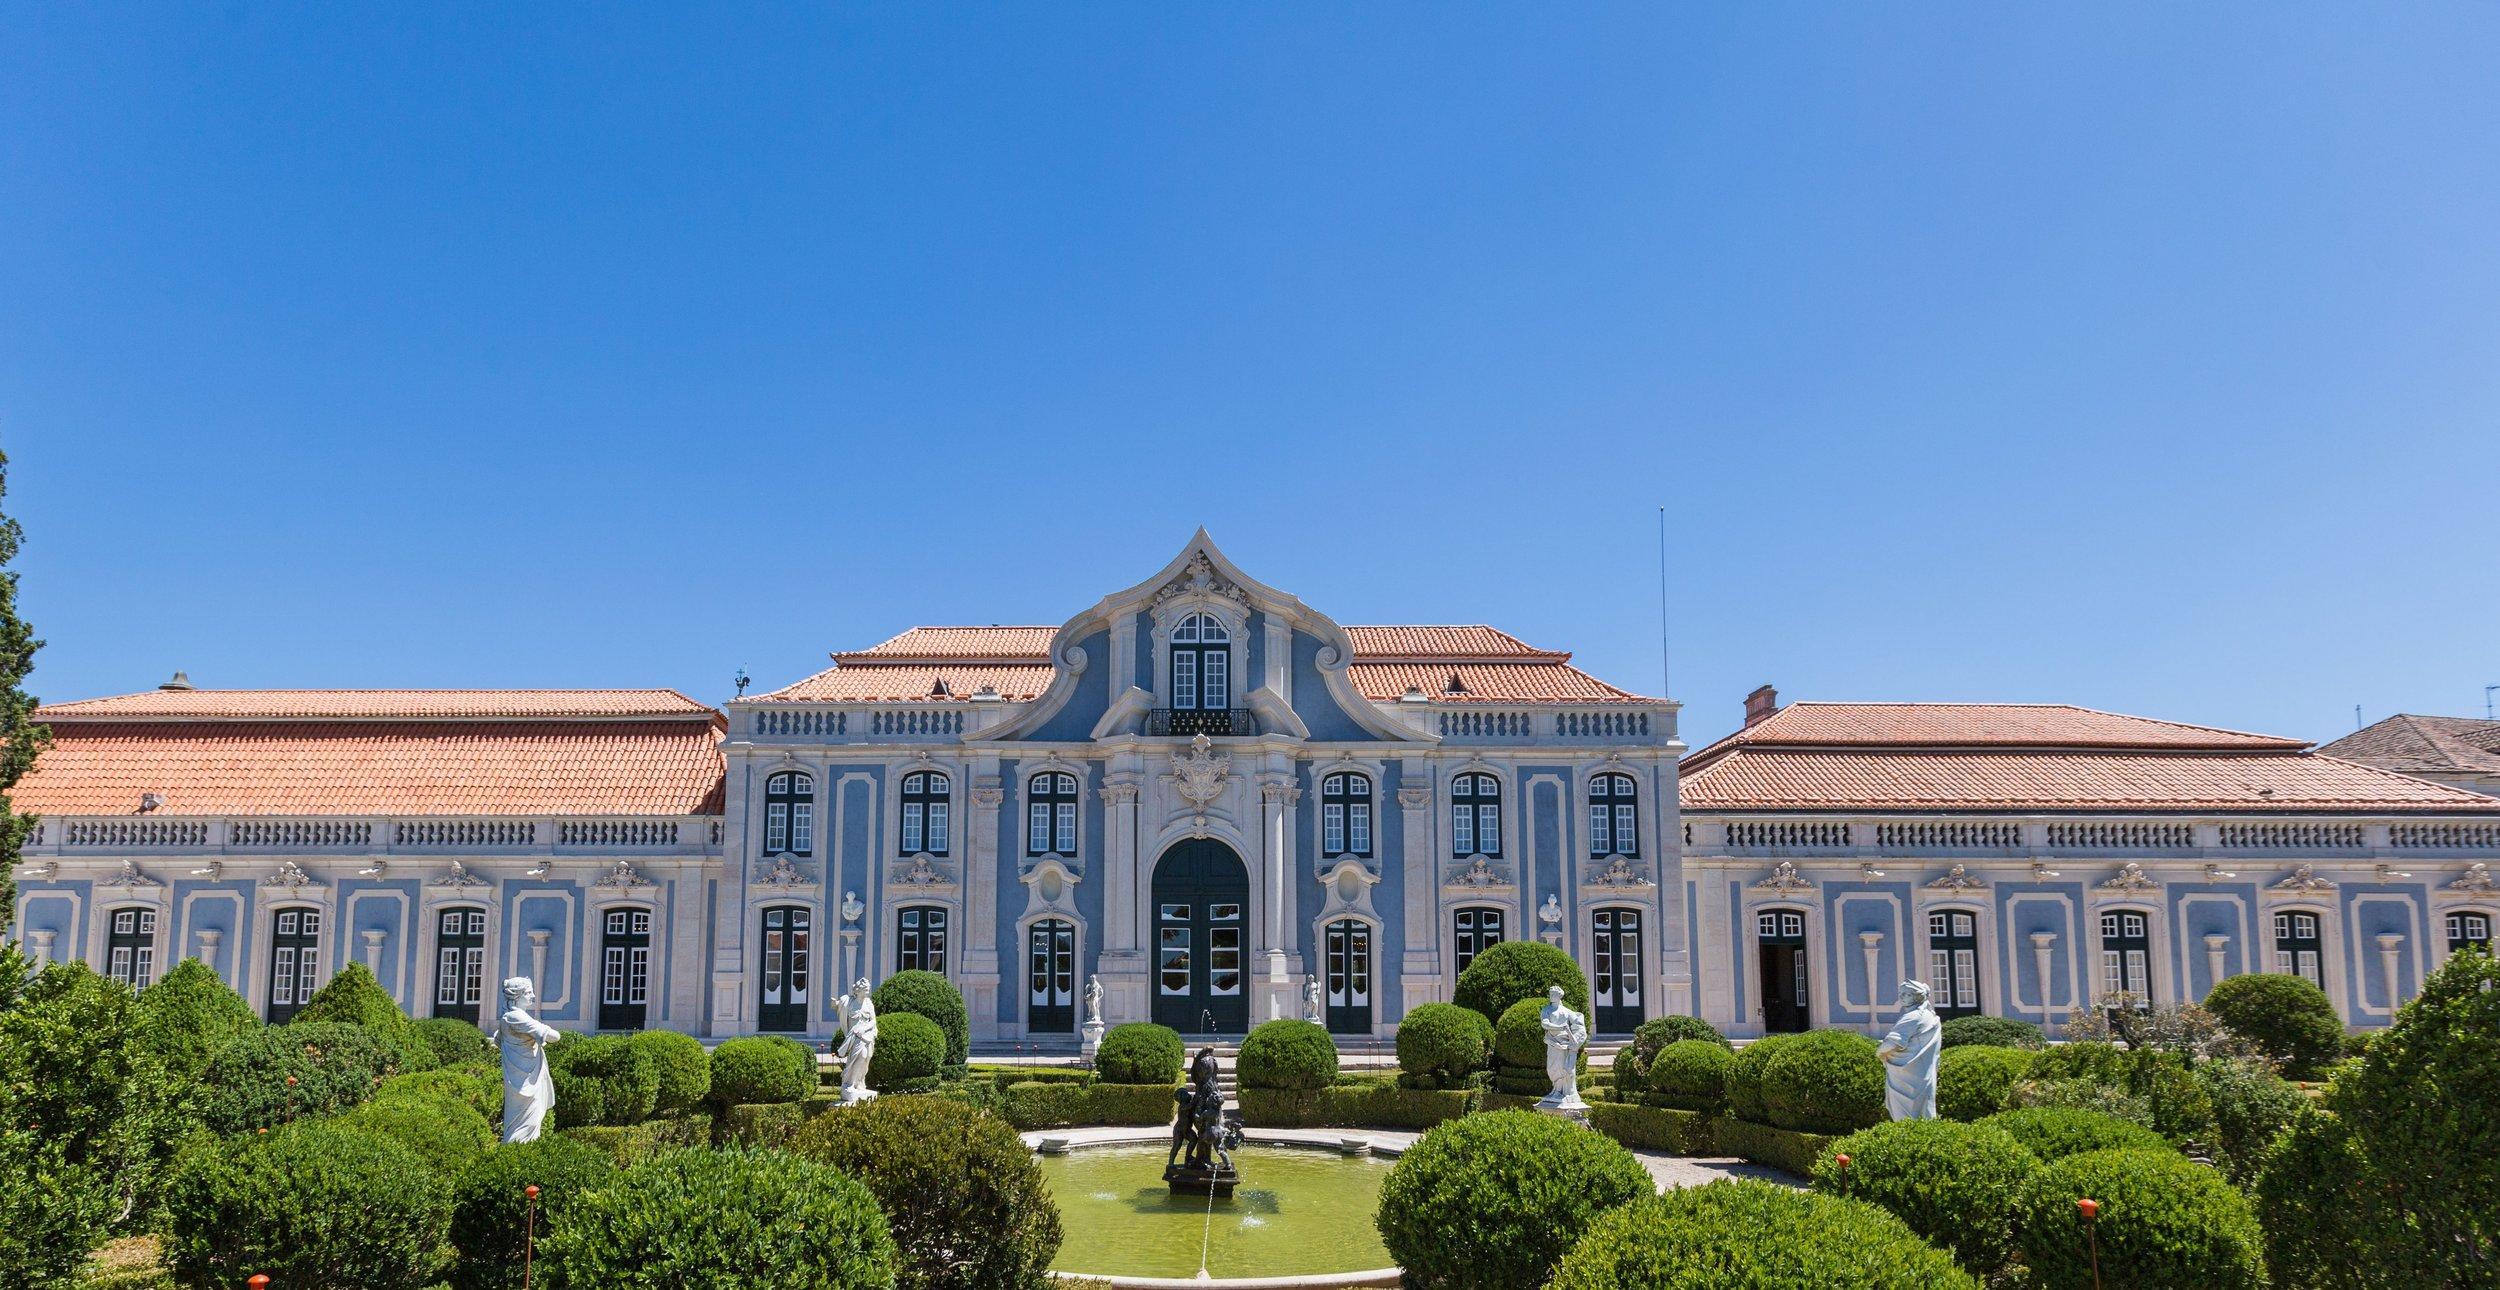 11_palacio_nacional_de_queluz_creditos_psml_wilson_pereira-e1440583146282.jpg